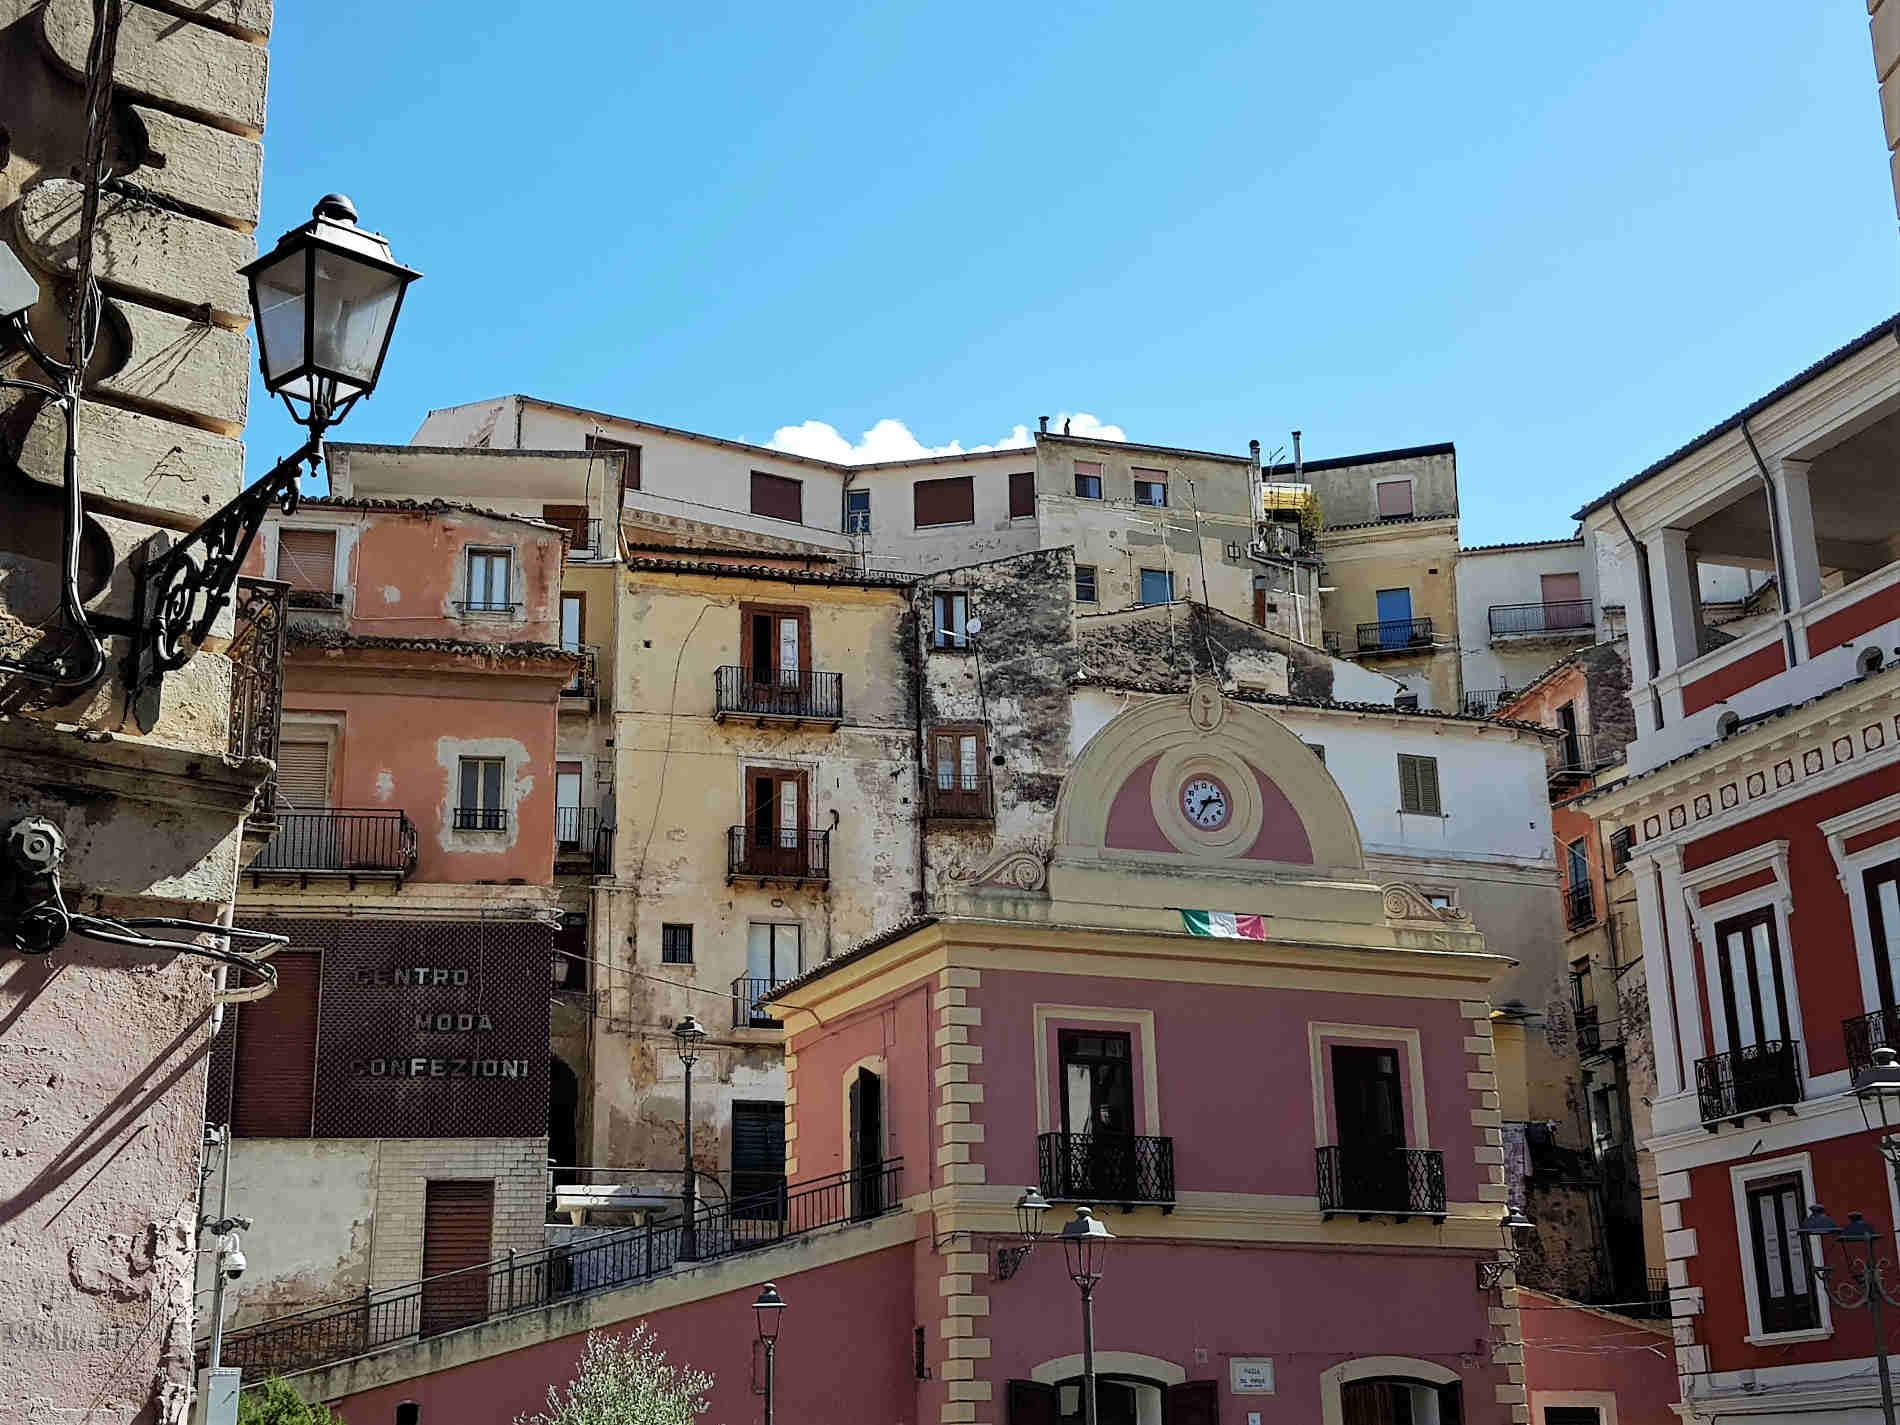 Scorci del centro storico di Corigliano Calabro